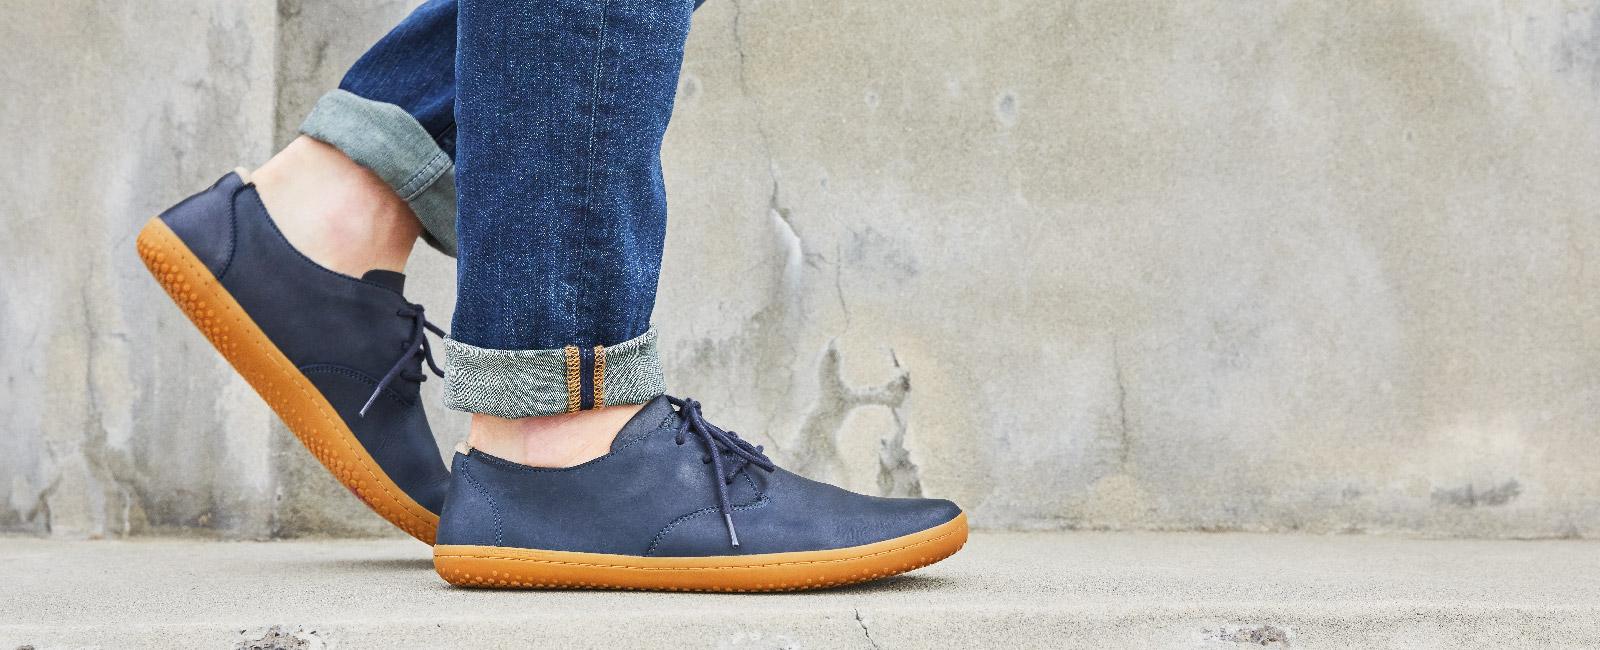 7aeb24ec54cd VIVOBAREFOOT – športová obuv i spoločenské barefoot topánky